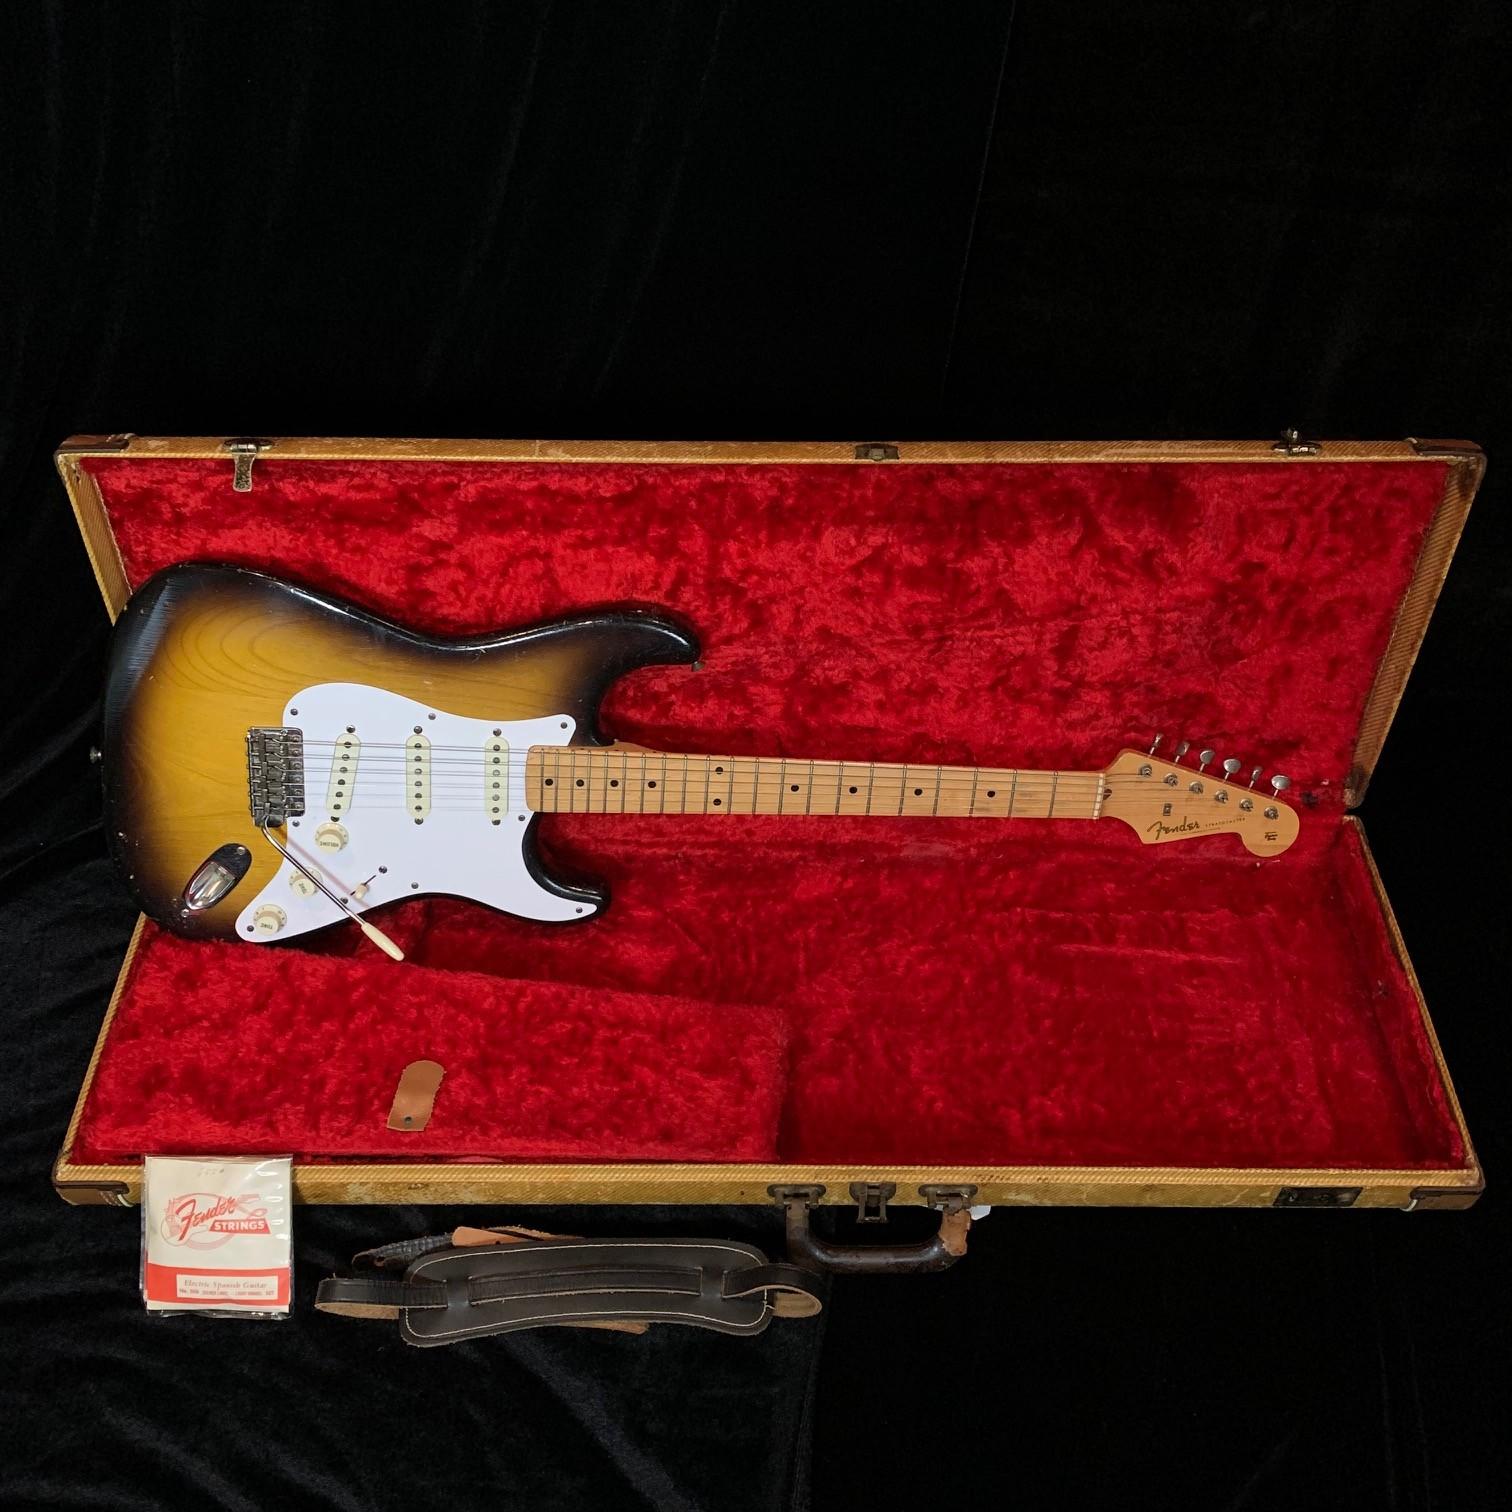 1957 Fender Stratocaster Sunburst SN# -22746